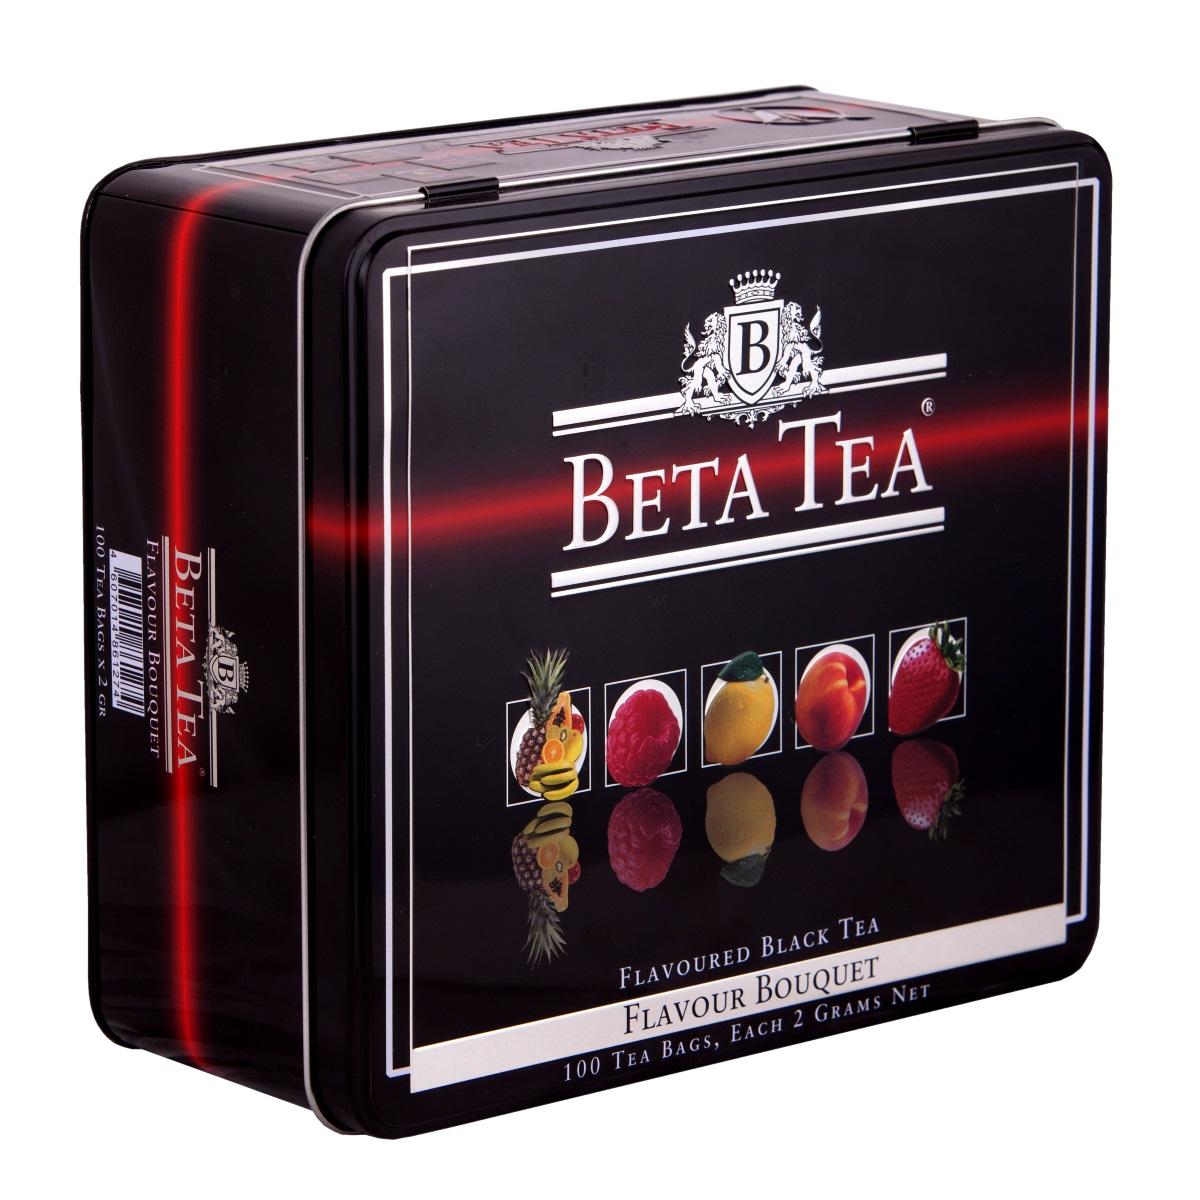 Beta Tea Букет ароматов чайный набор, 100 шт (подарочная упаковка)101246Совершенный баланс высококачественного черного чая и нежного аромата натуральных фруктов и ягод, продолжительная свежесть и богатство оттенков вкуса делают Beta Tea Букет ароматов не только изумительным тонизирующим, но и великолепным десертным напитком, способным удовлетворить вкусы самых придирчивых чайных гурманов. Набор включает в себя:Чай Beta Tea Малина (20 шт., 40 г.). Он содержит в себе неповторимый аромат малины, что придает напитку изысканный вкус. Этот чай, собранный с самых лучших плантаций Цейлона, производится в экологически чистых условиях при помощи современных технологий.Чай Beta Tea Мультифруктовый (20 шт., 40 г.) с превосходным вкусом в сочетании с фруктовым ароматом доставит удовольствие всем любителям чая. В его состав входит смесь лучших сортов из Индии, Цейлона и Кении.Beta Tea Лимон (20 шт., 40 г.) содержит в себе приятный аромат лимона, что придает чаю изысканный вкус. Этот чай, собранный с самых лучших плантаций Цейлона, производится в экологически чистых условиях при помощи современных технологий.Чай Beta Tea Клубника (20 шт., 40 г.). Он содержит в себе яркий аромат клубники, что придает напитку неповторимый вкус. Этот чай, собранный с самых лучших плантаций Цейлона, производится в экологически чистых условиях при помощи современных технологий.Чай Beta Tea Персик (20 шт., 40 г.). Напиток содержит в себе неповторимый персиковый аромат, что придает ему изысканный вкус. Этот чай, собранный с самых лучших плантаций Цейлона, производится в экологически чистых условиях при помощи современных технологий.